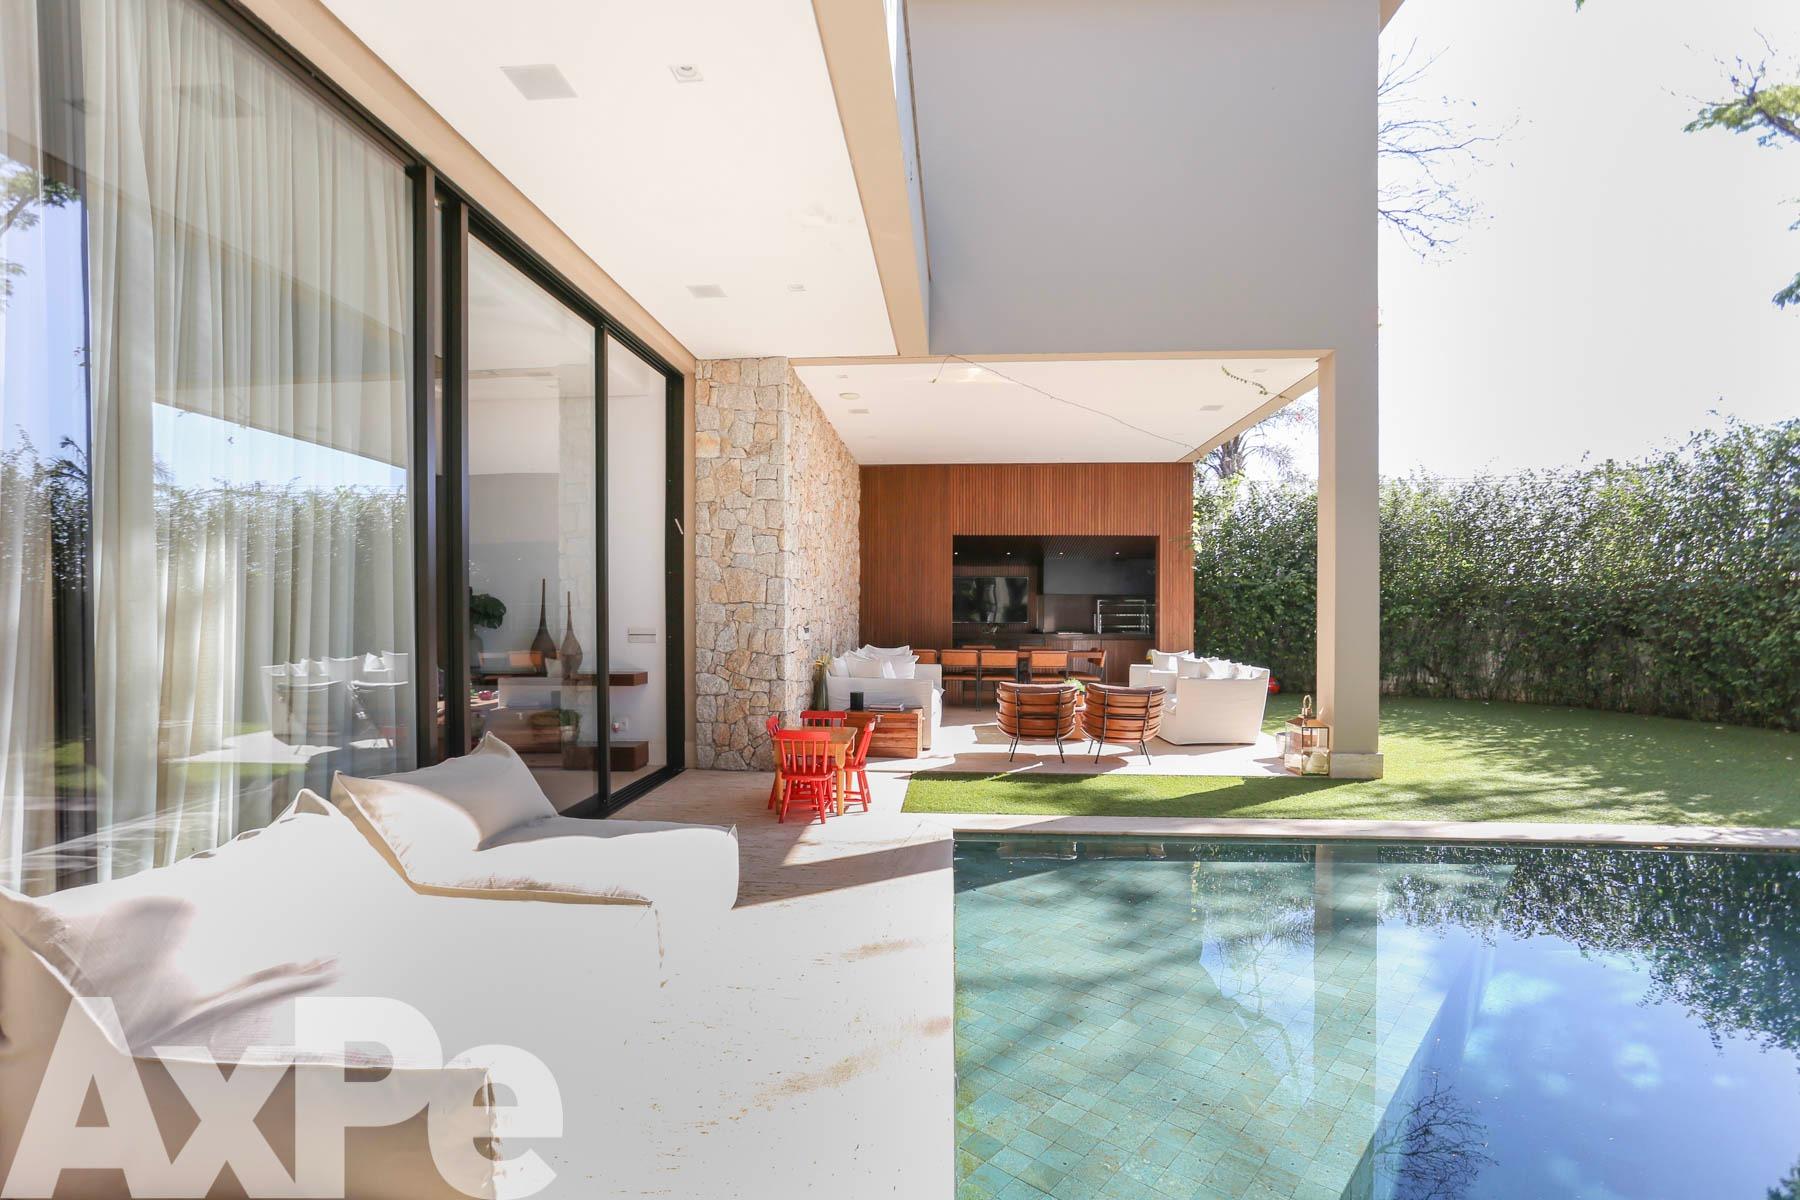 Axpe Casa em condomínio - AX145940